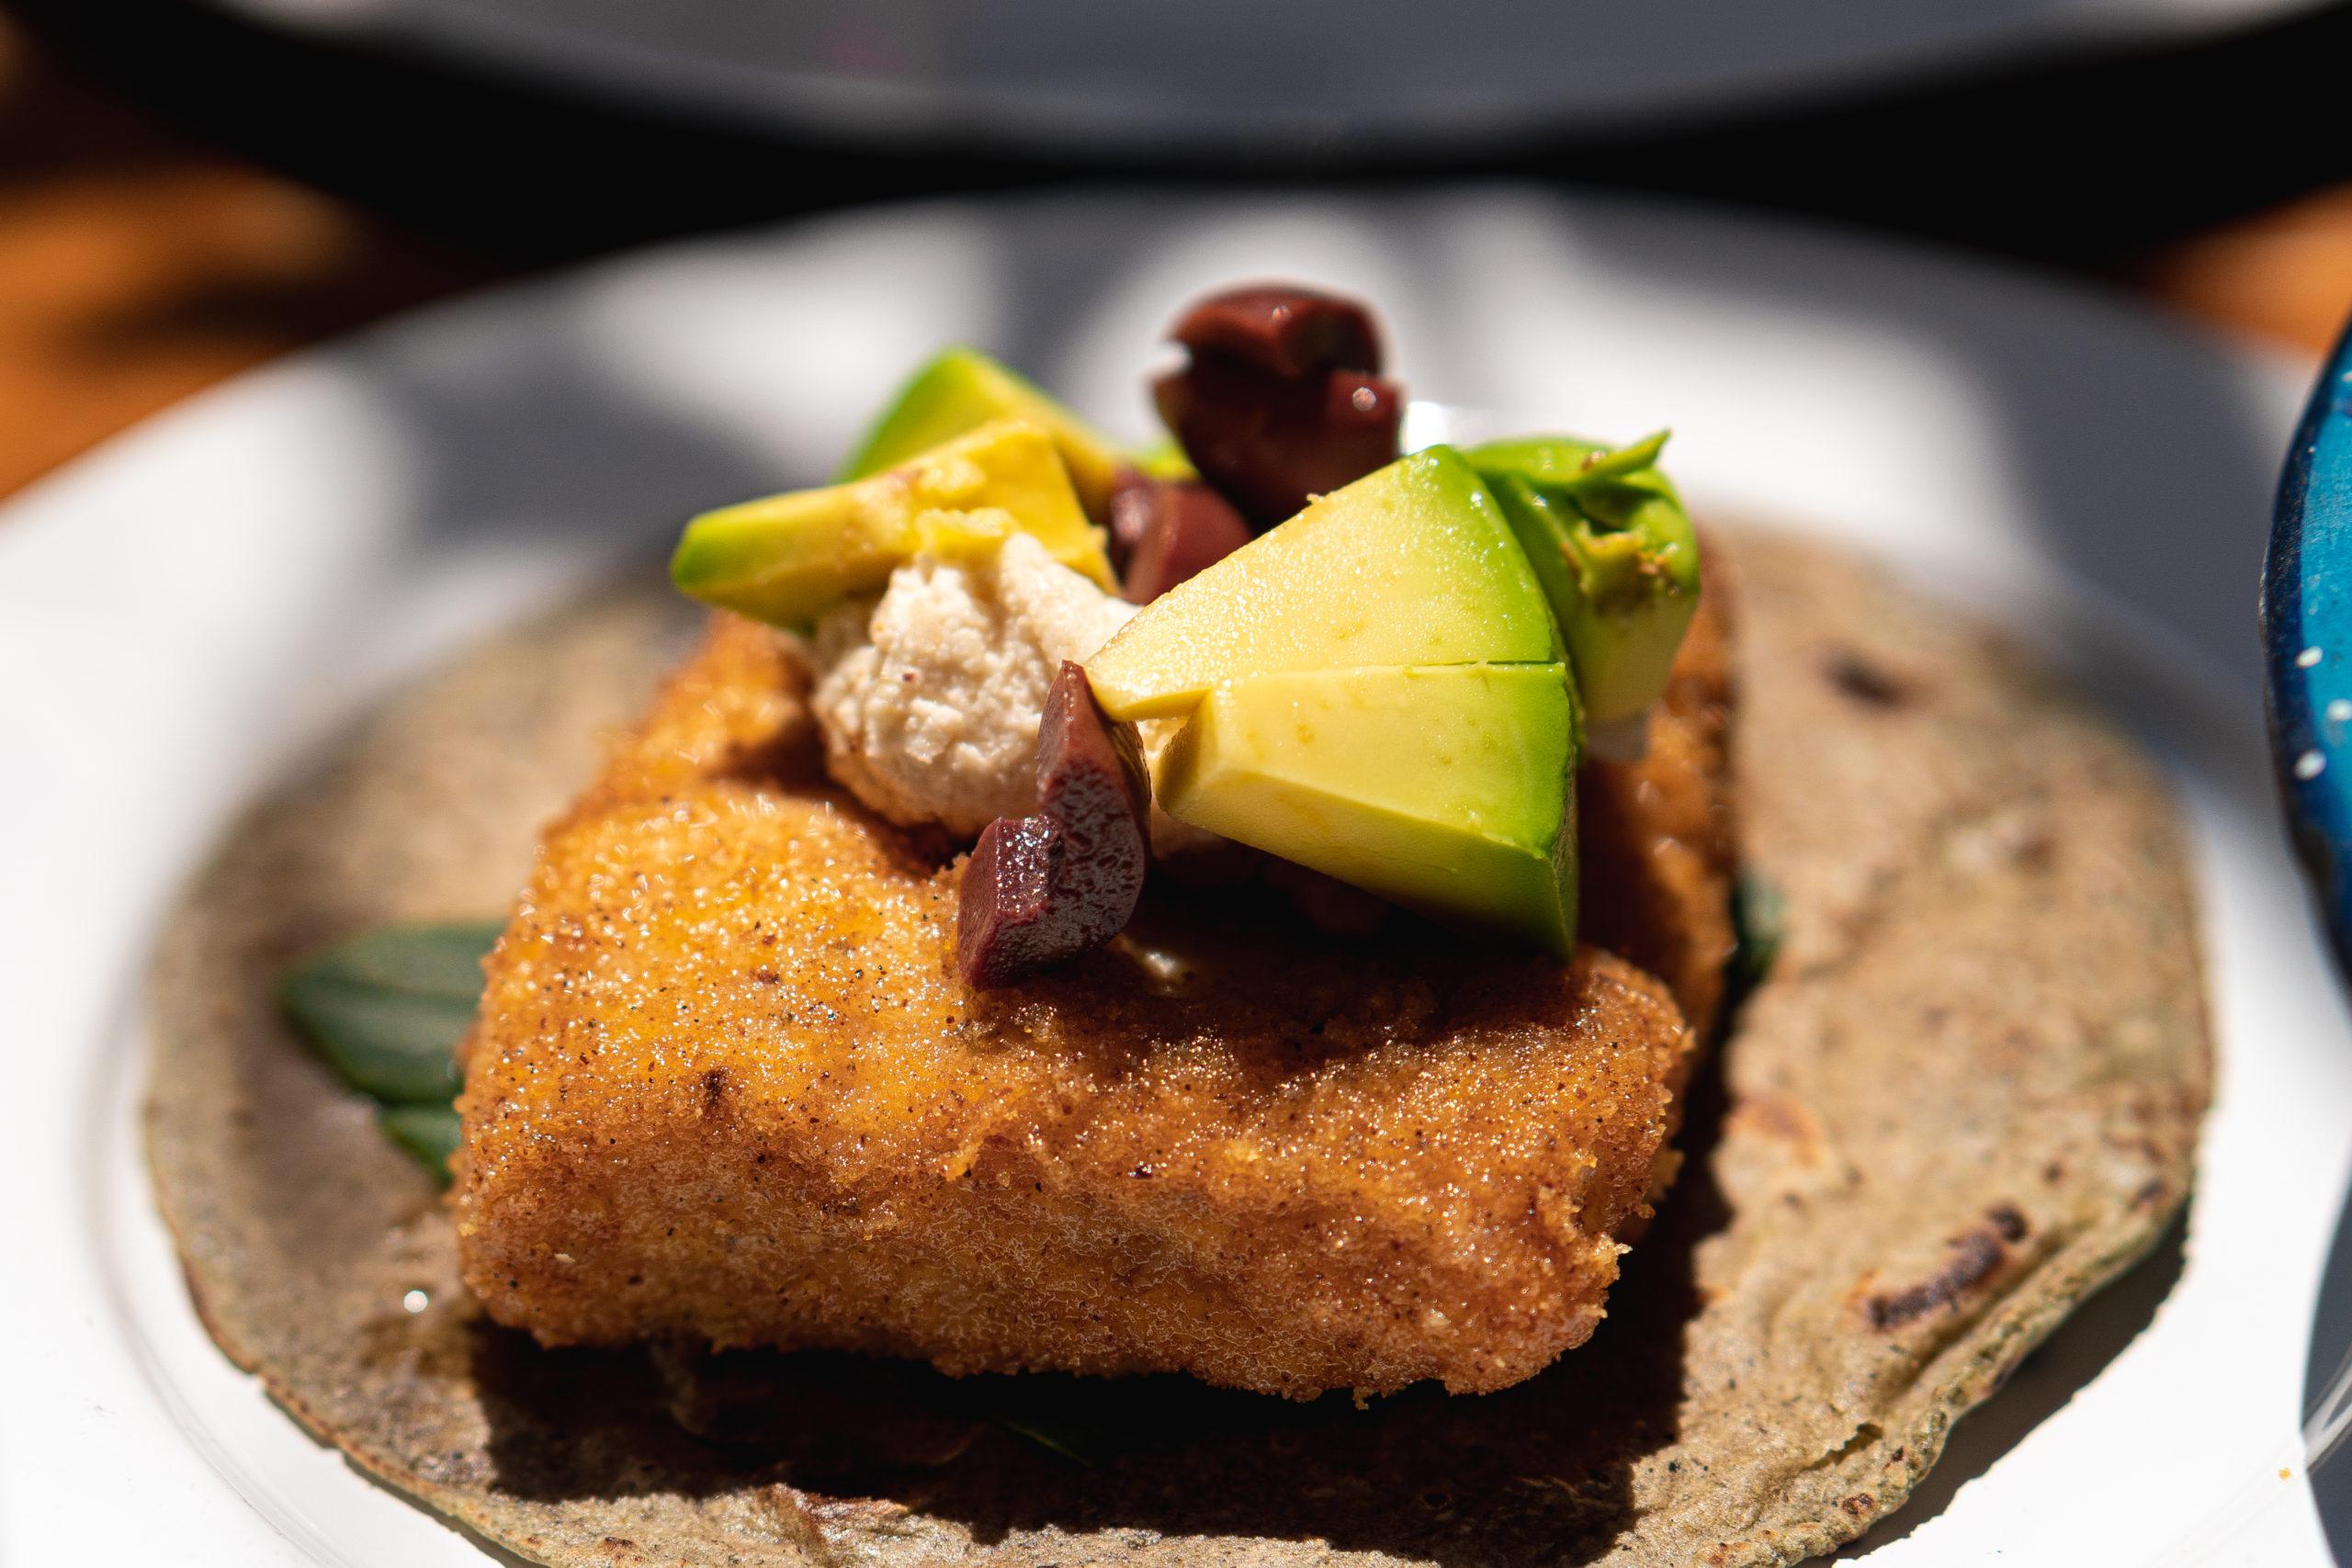 El Parnita local best tacos in Roma Norte Mexico City-- best tacos in Mexico City